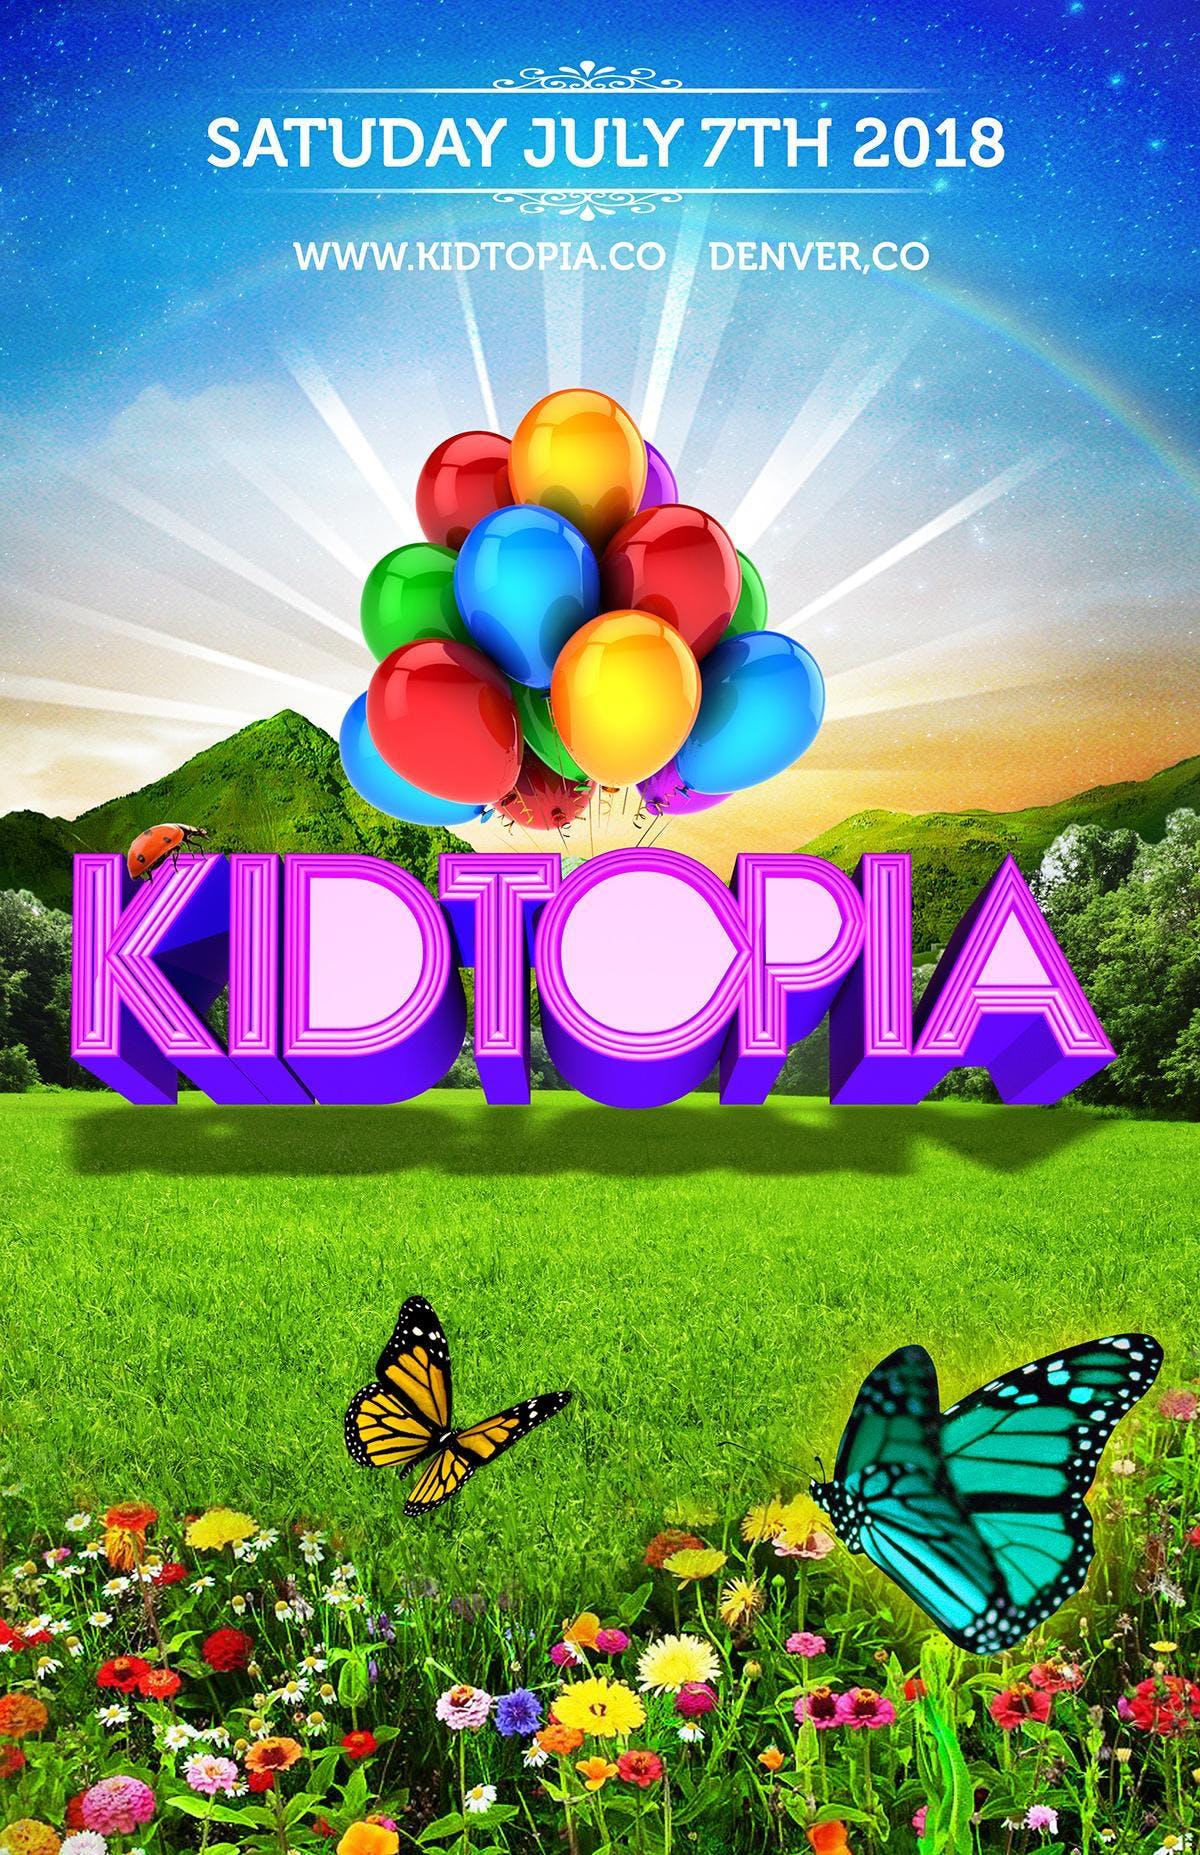 Kidtopia Festival Denver Co